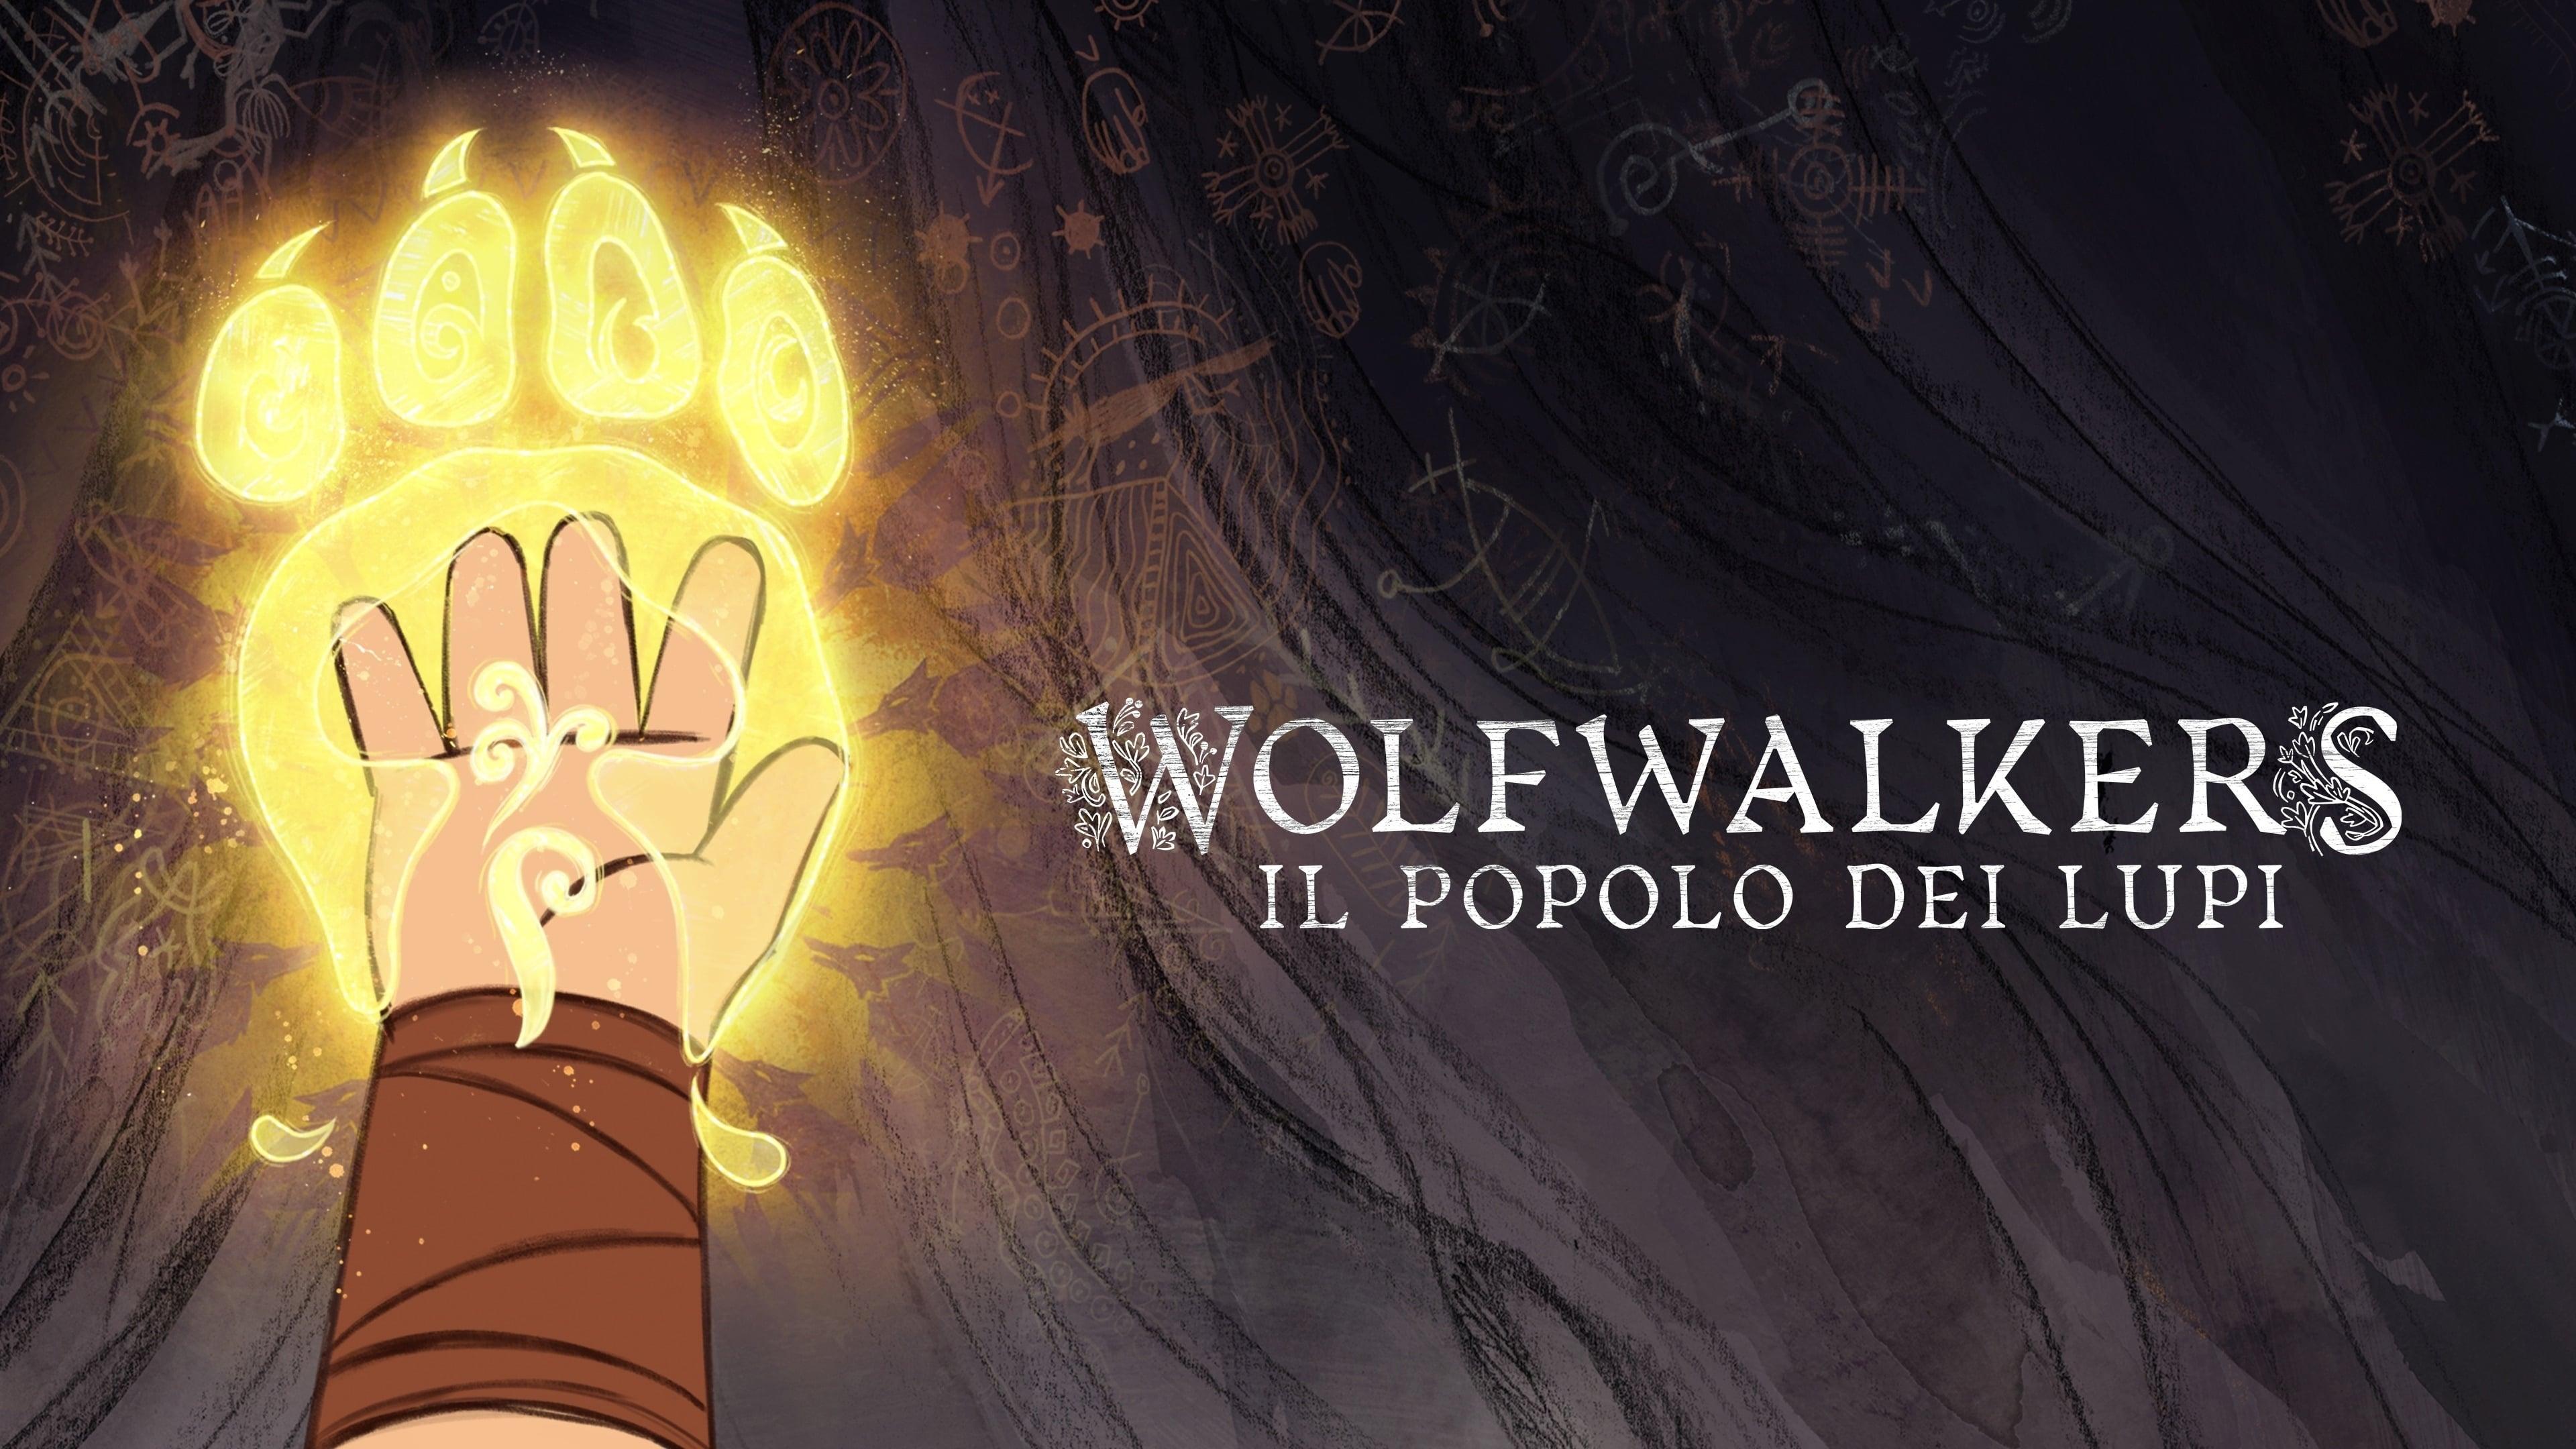 Wolfwalkers: espíritu de lobo